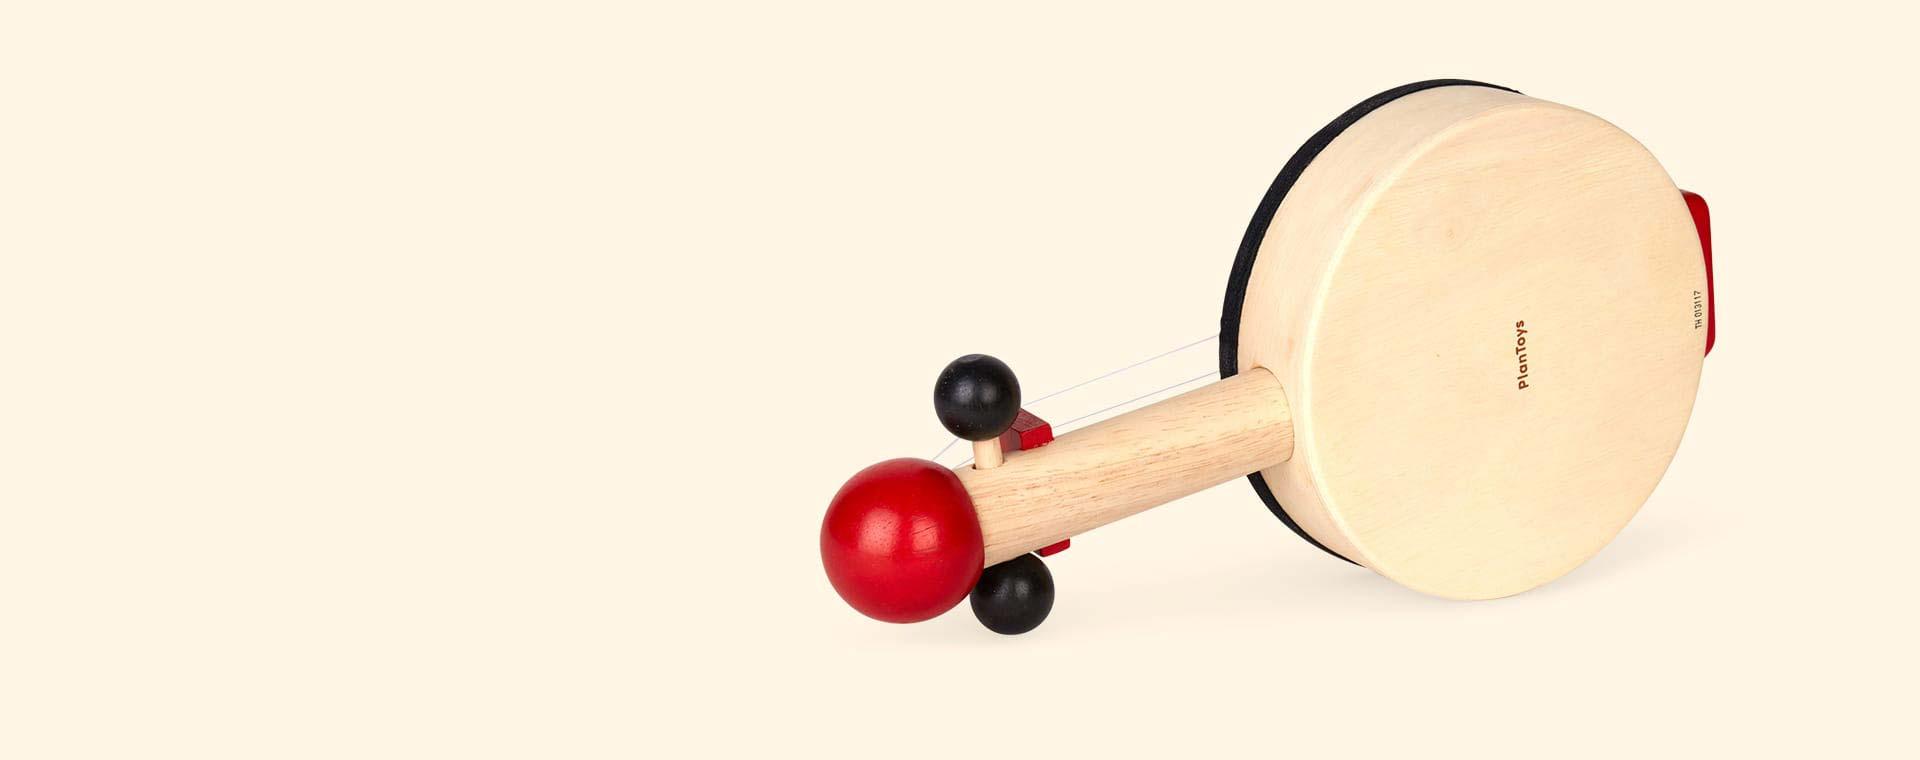 Red Plan Toys Banjo